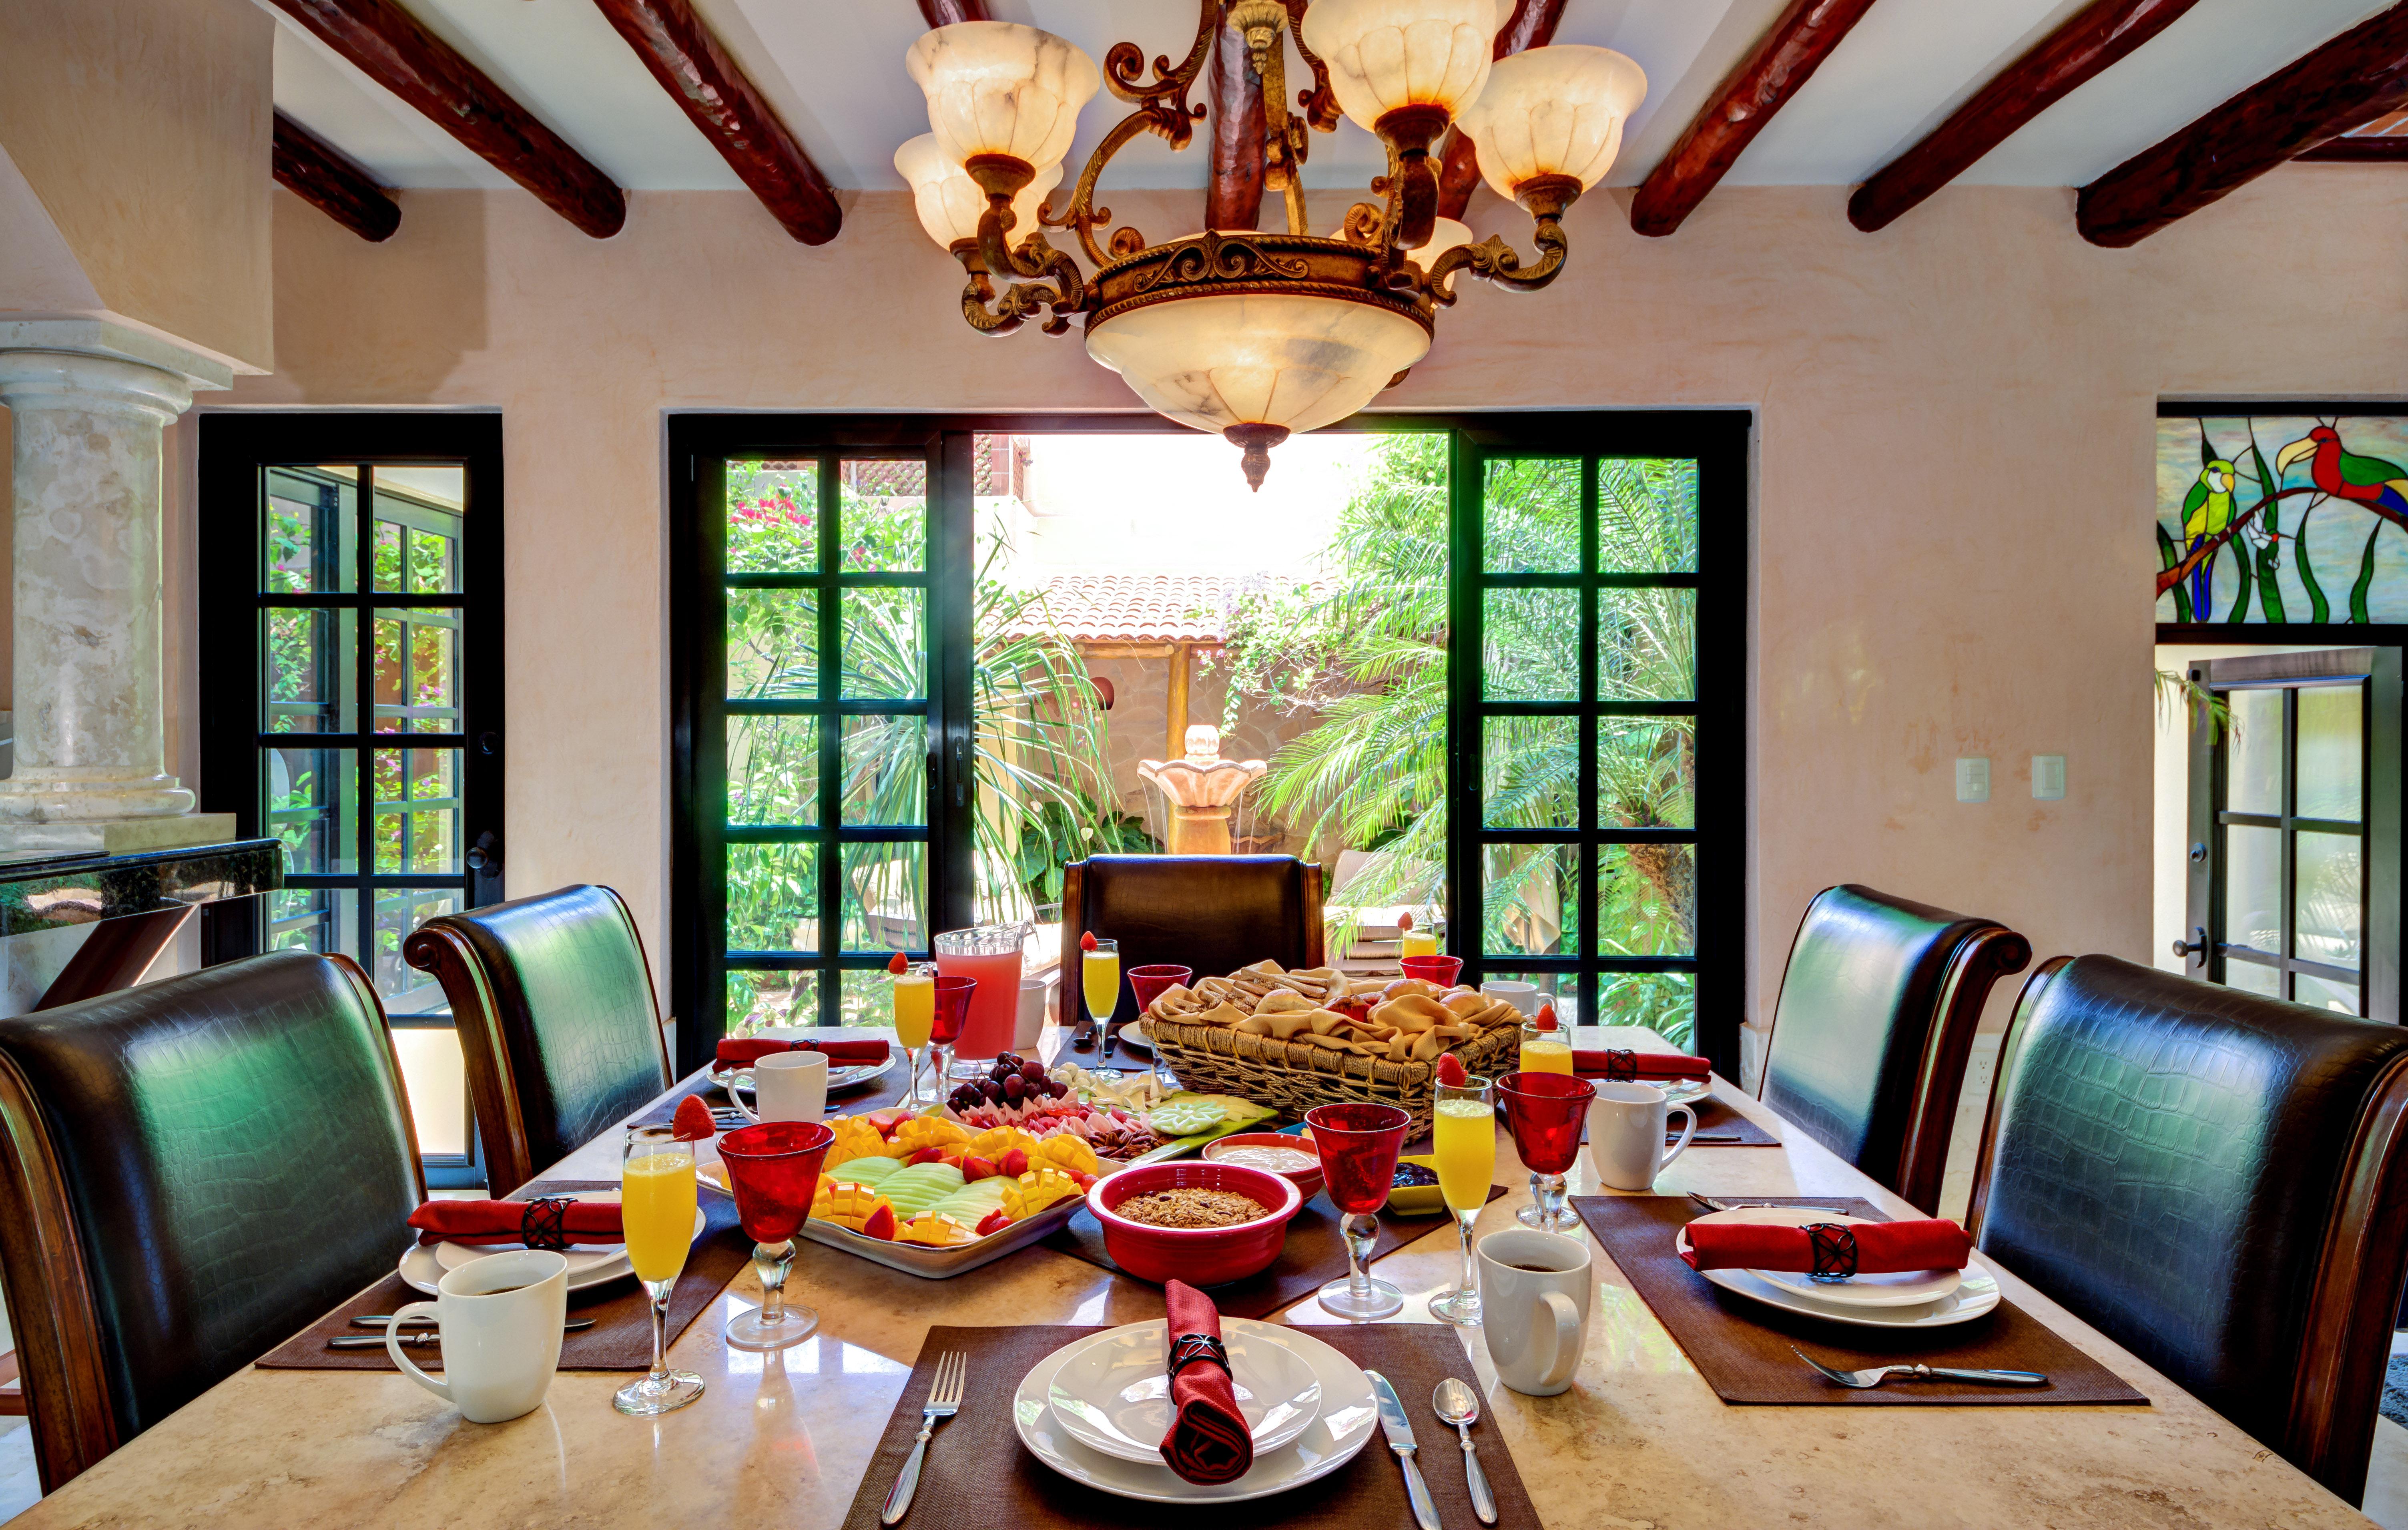 Casa_Juanita_yourescape_Playa_del_Carmen_Riviera_Maya_Mexico13